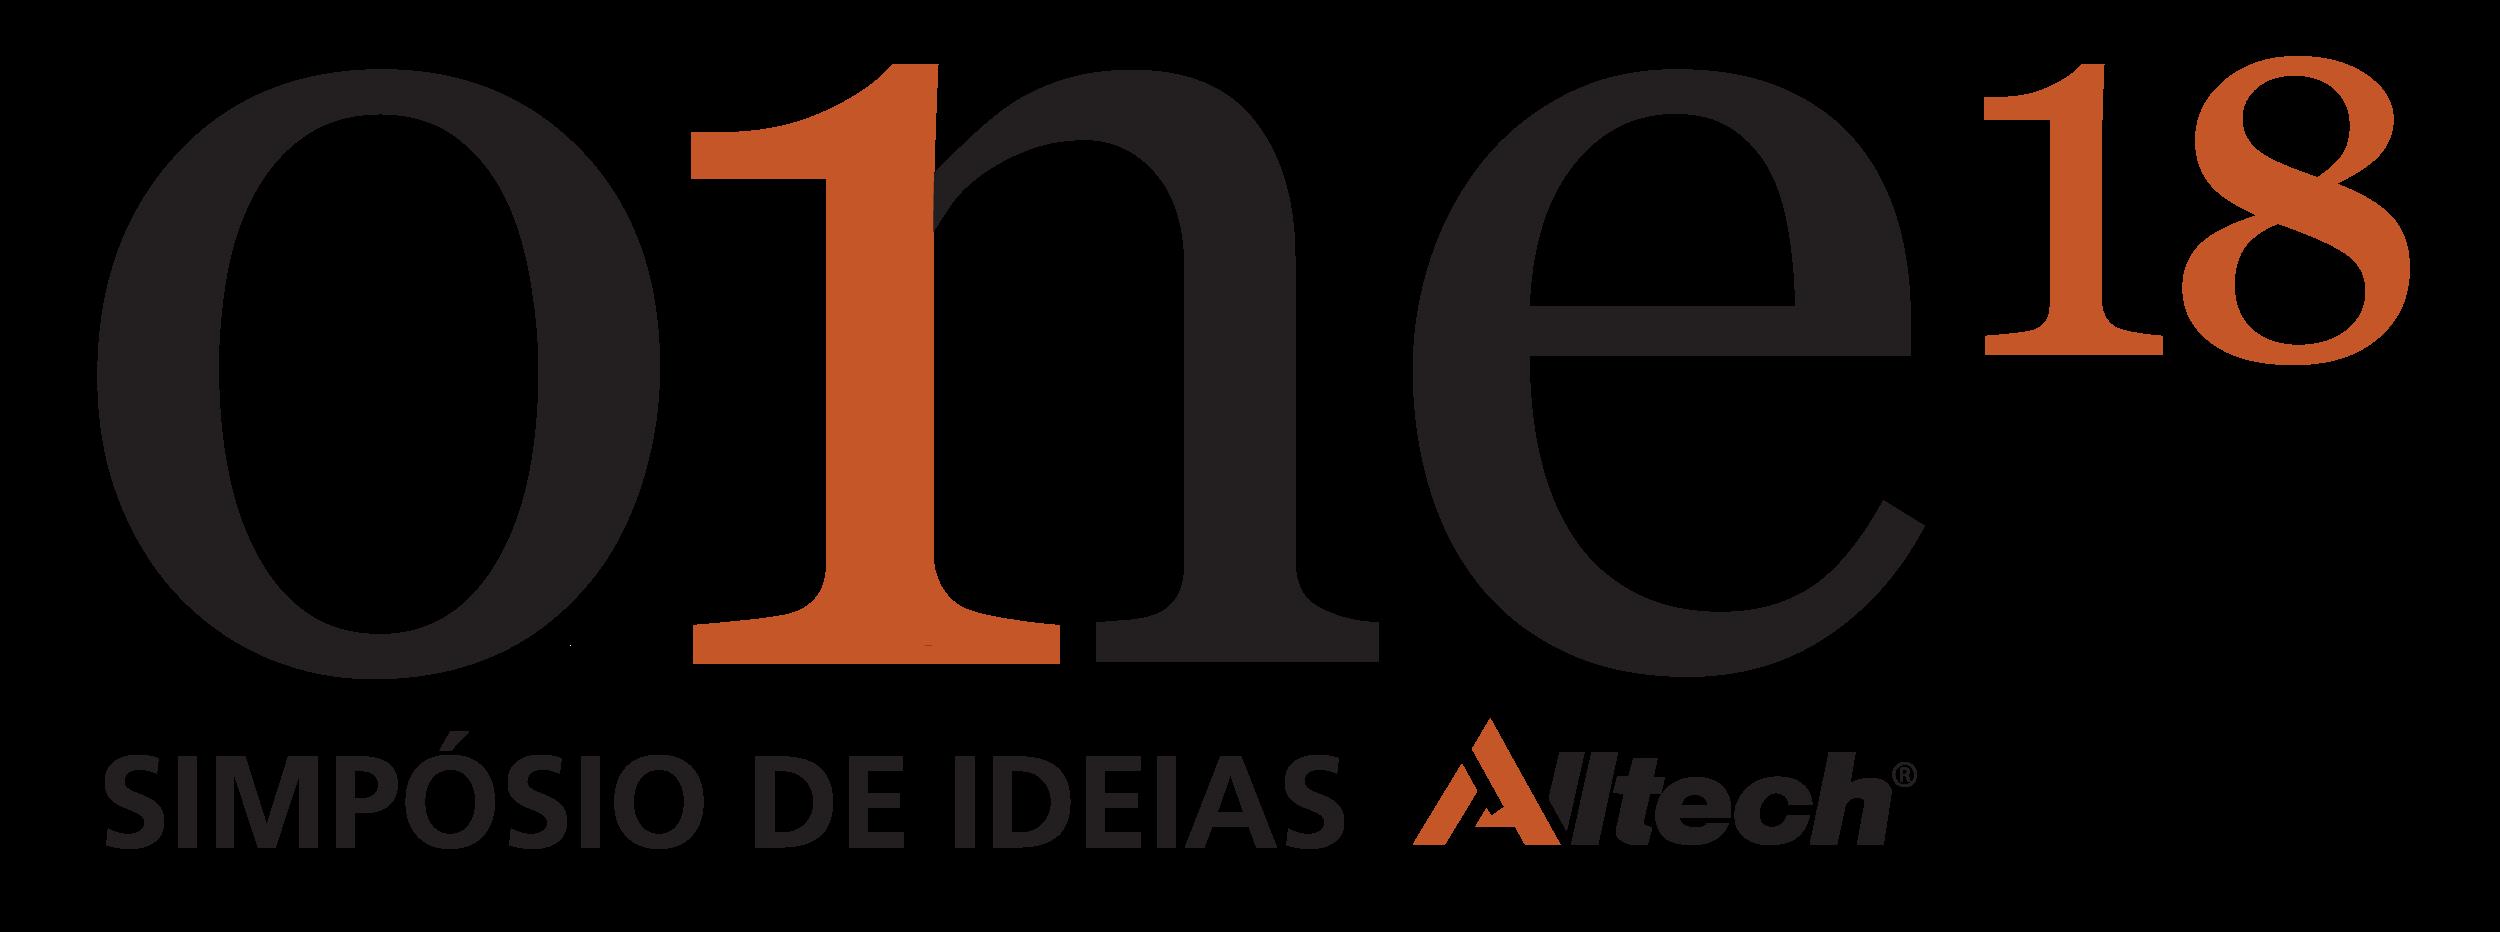 ONE - O Simpósio de Ideias da Alltech